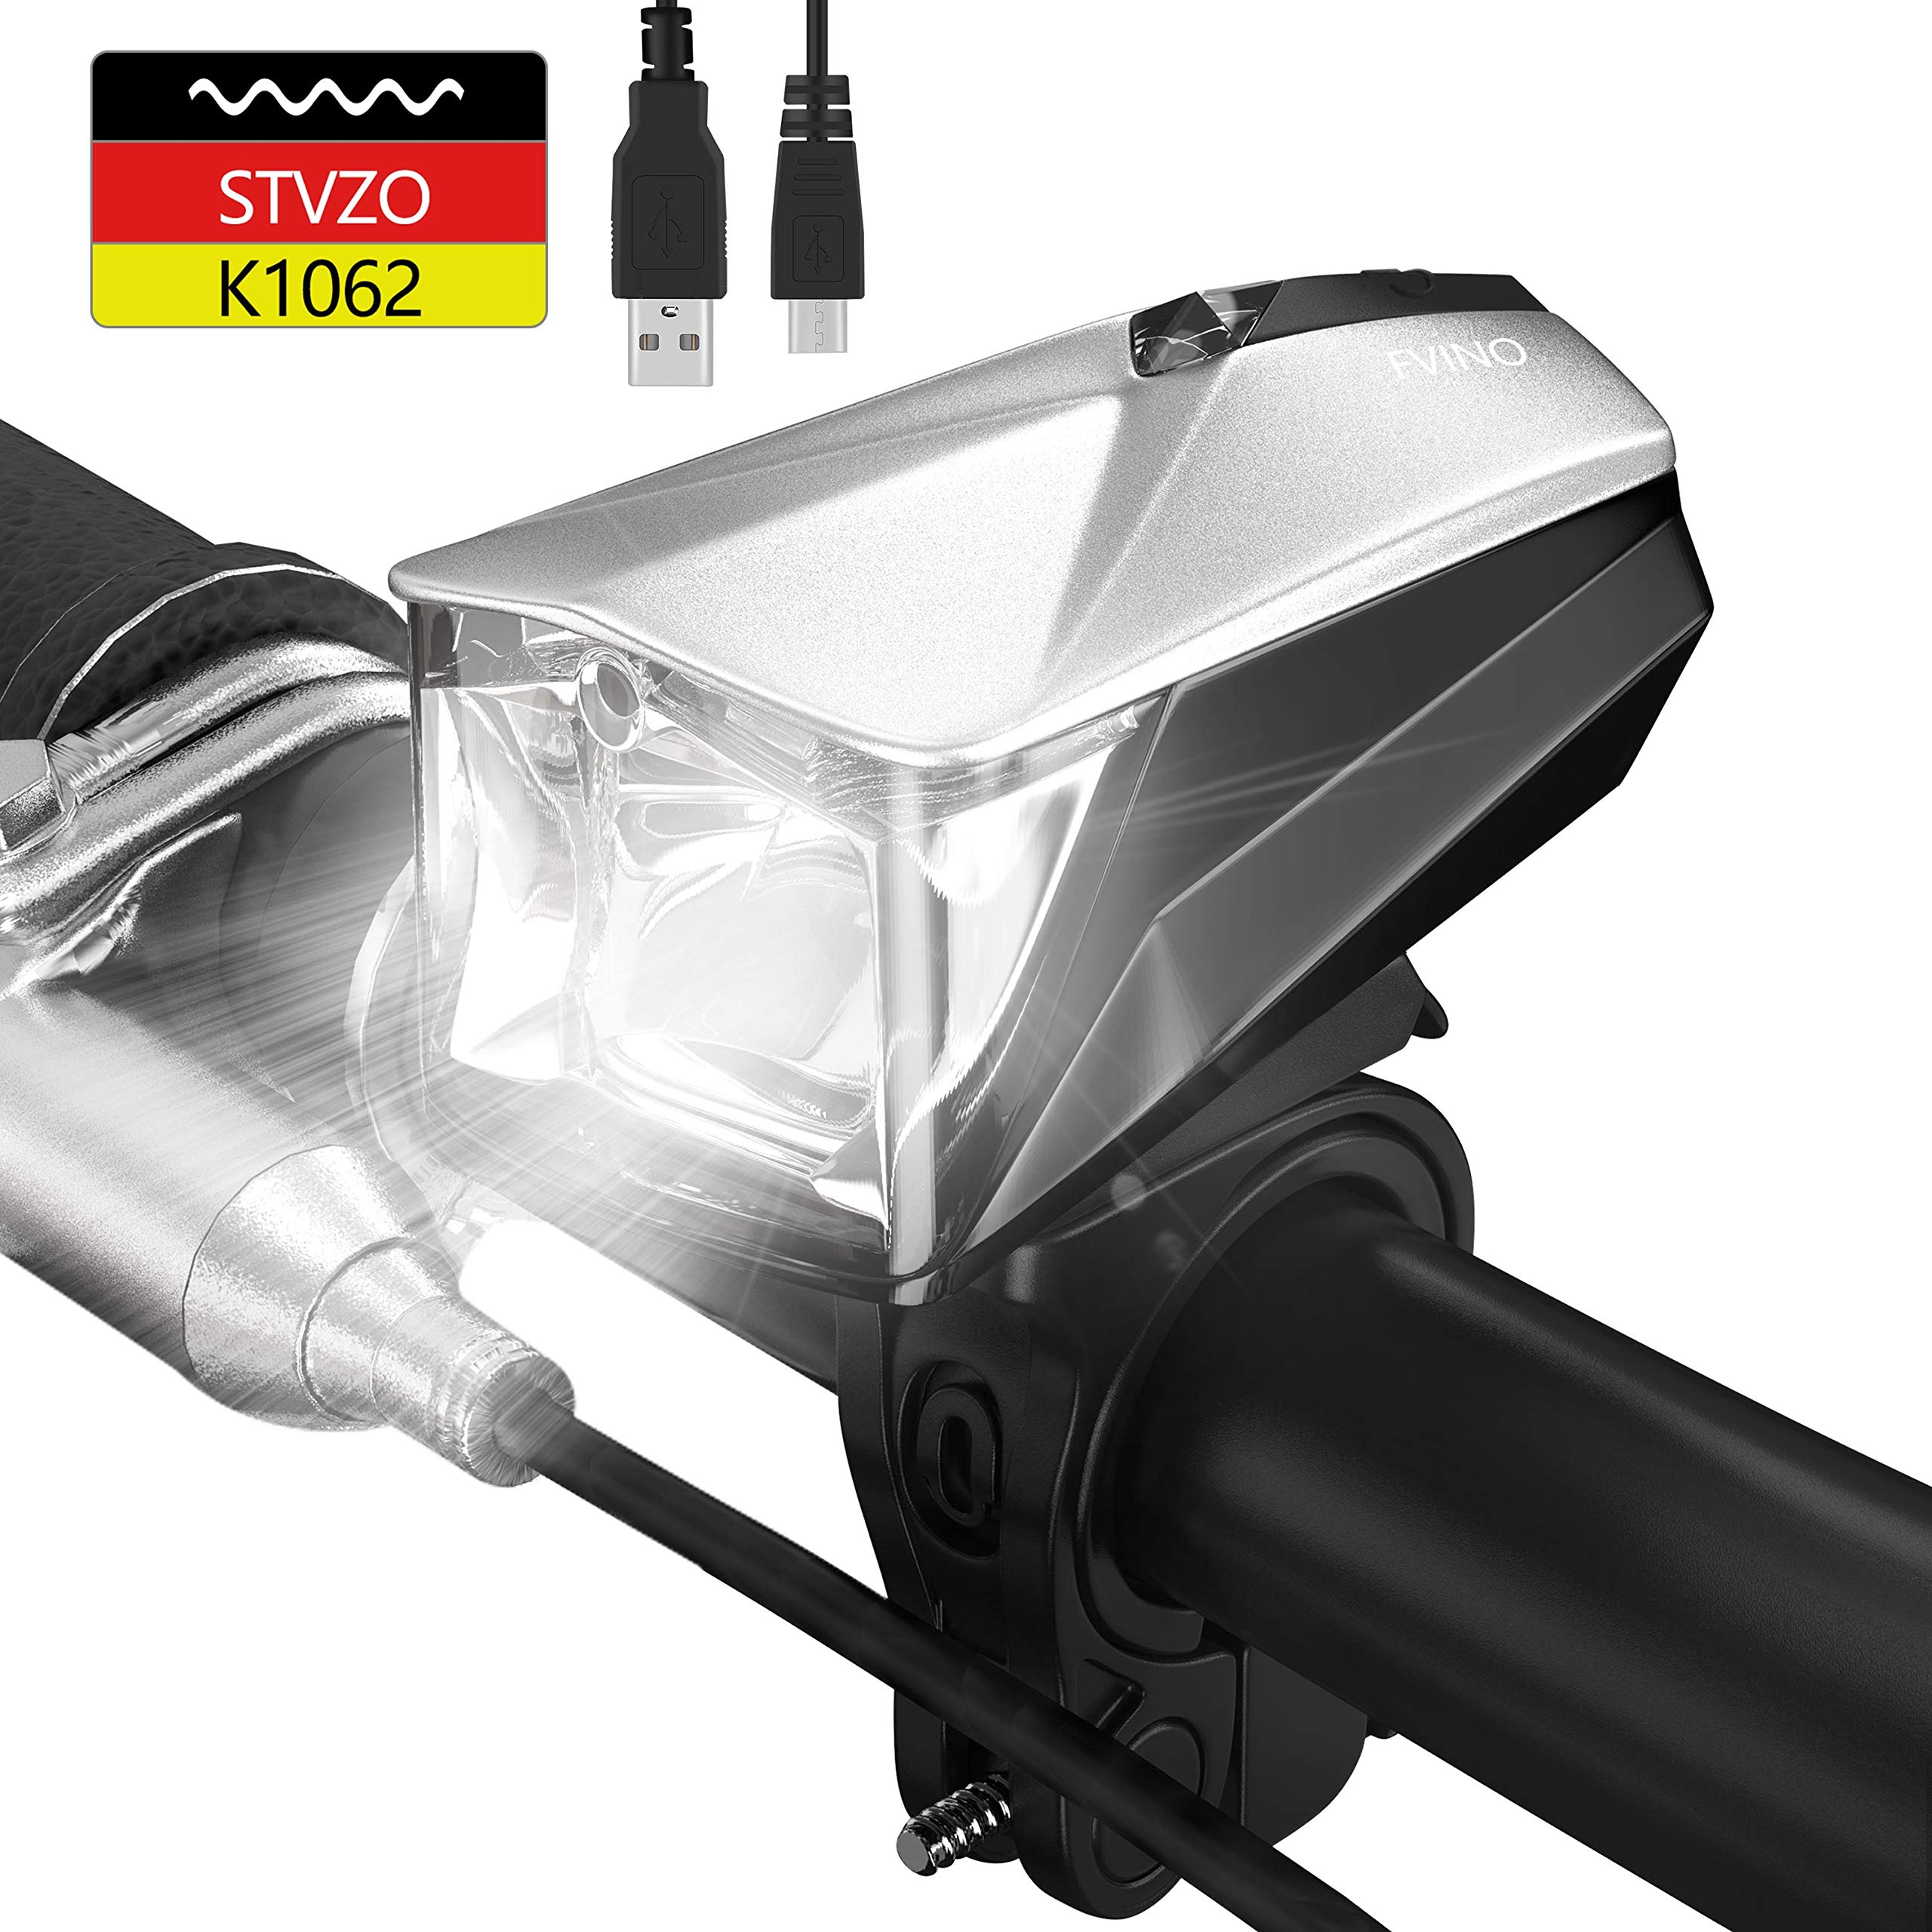 Fvino LED Fahrradlicht StVZO zugelassen USB aufladbare intelligente Sensorschalter & Helligkeitanpassung Fahrrad Frontlichter und Rücklicht wasserdicht stoßfest energiesparend